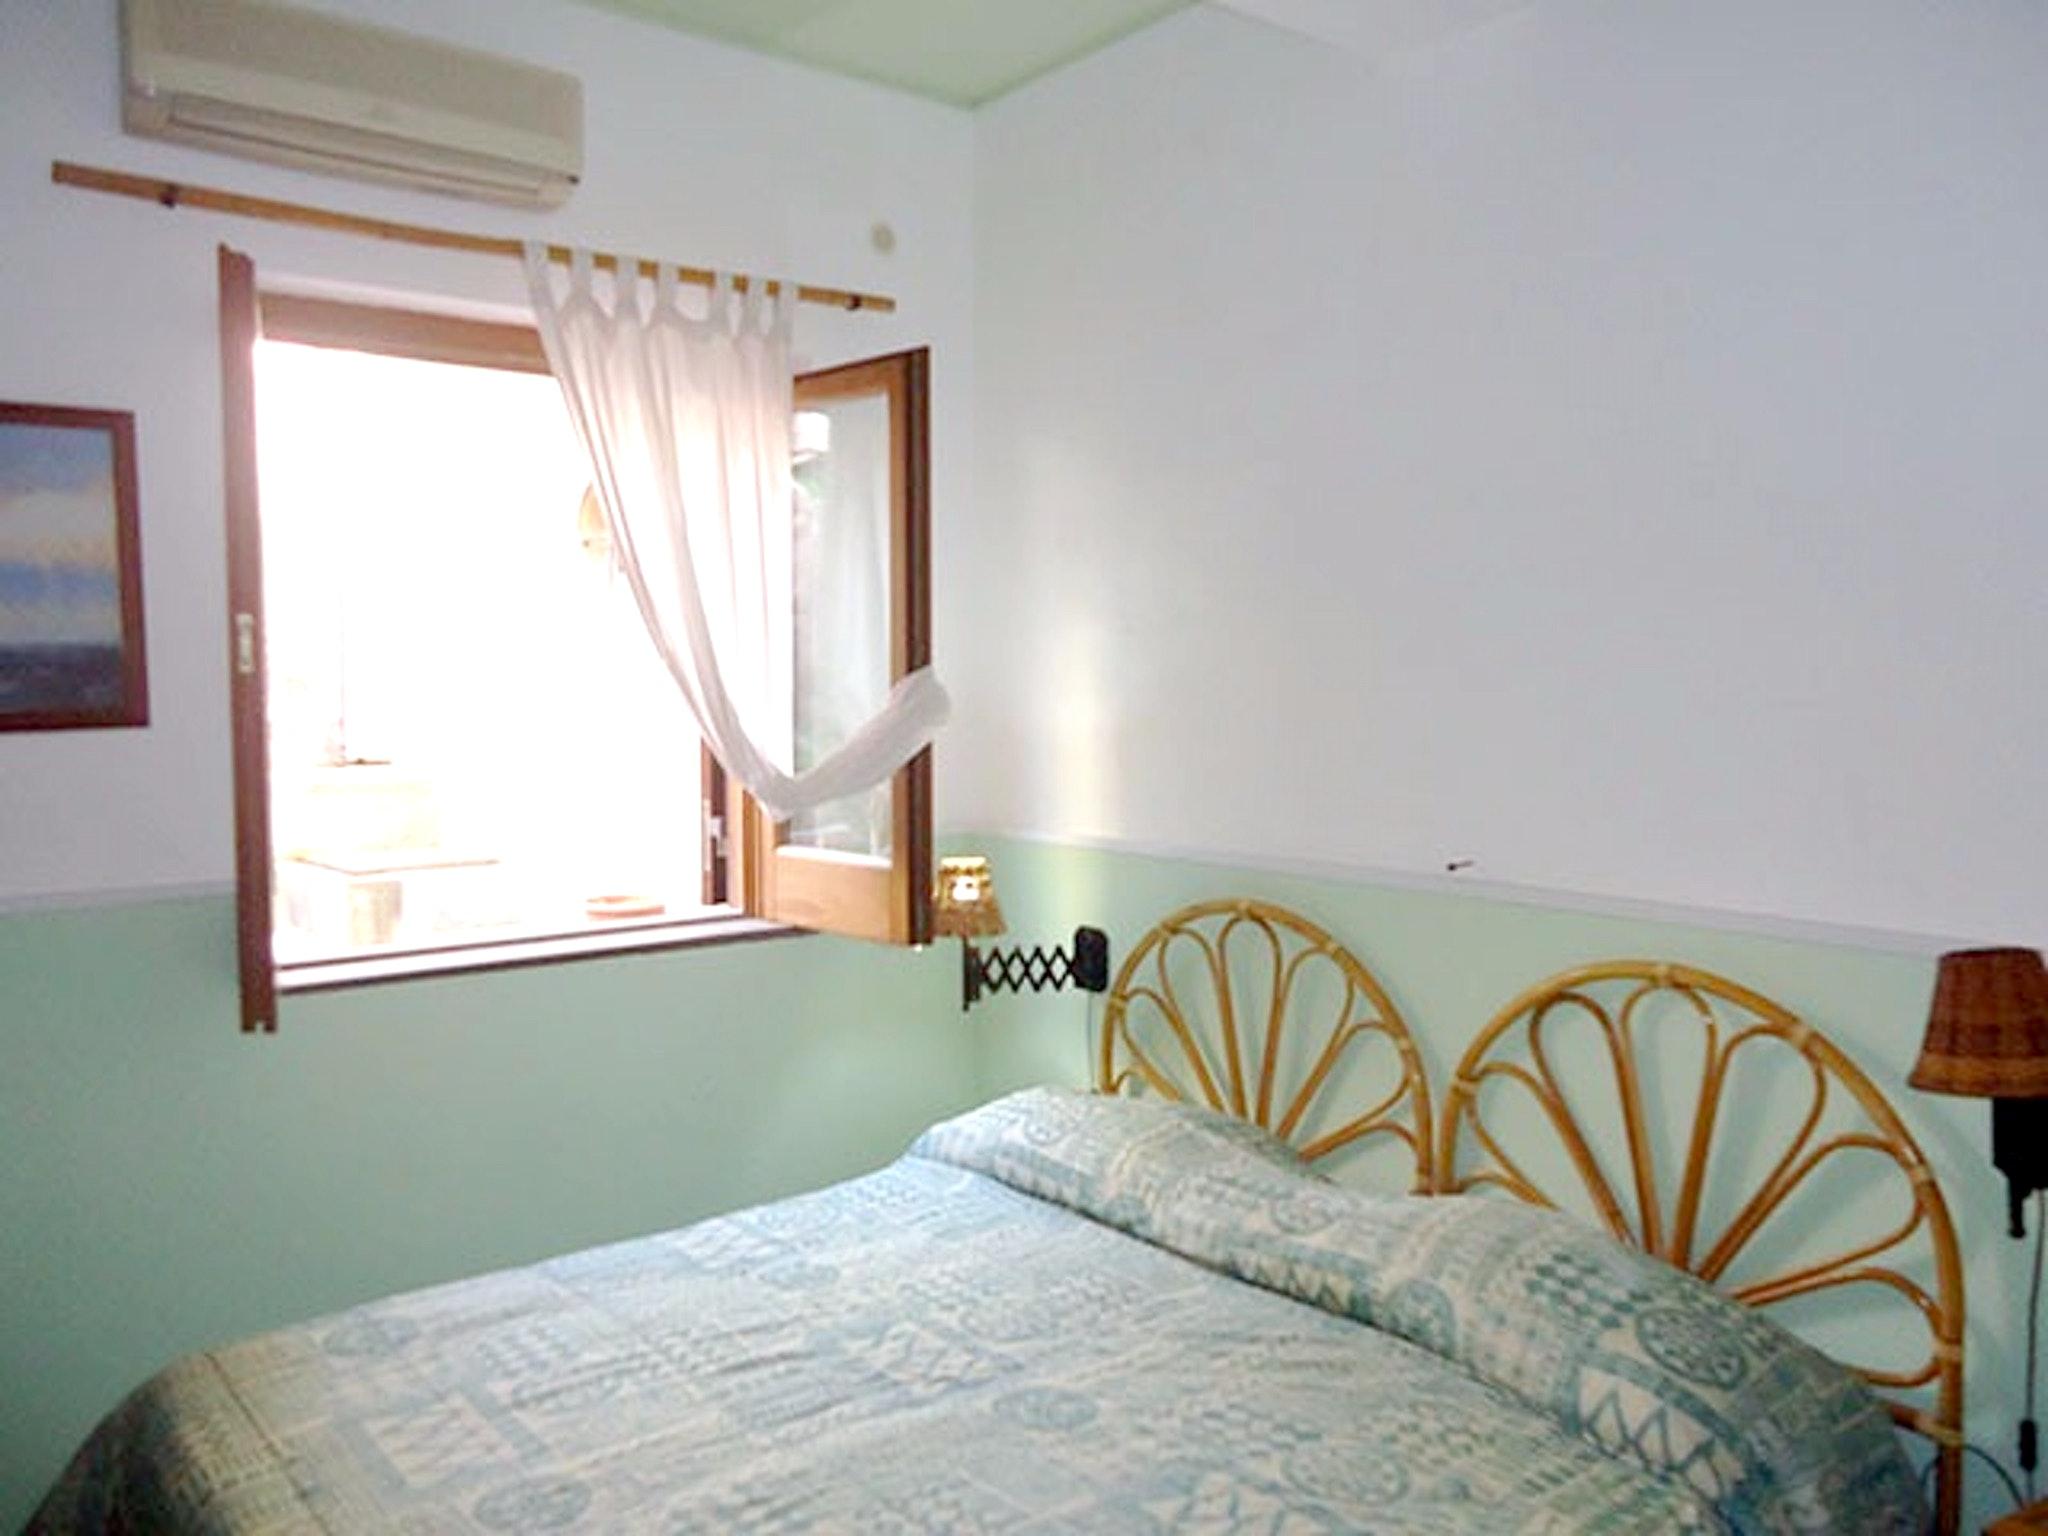 Appartement de vacances Wohnung mit 2 Schlafzimmern in Lipari mit möblierter Terrasse - 20 m vom Strand entfernt (2202323), Lipari, Lipari, Sicile, Italie, image 7